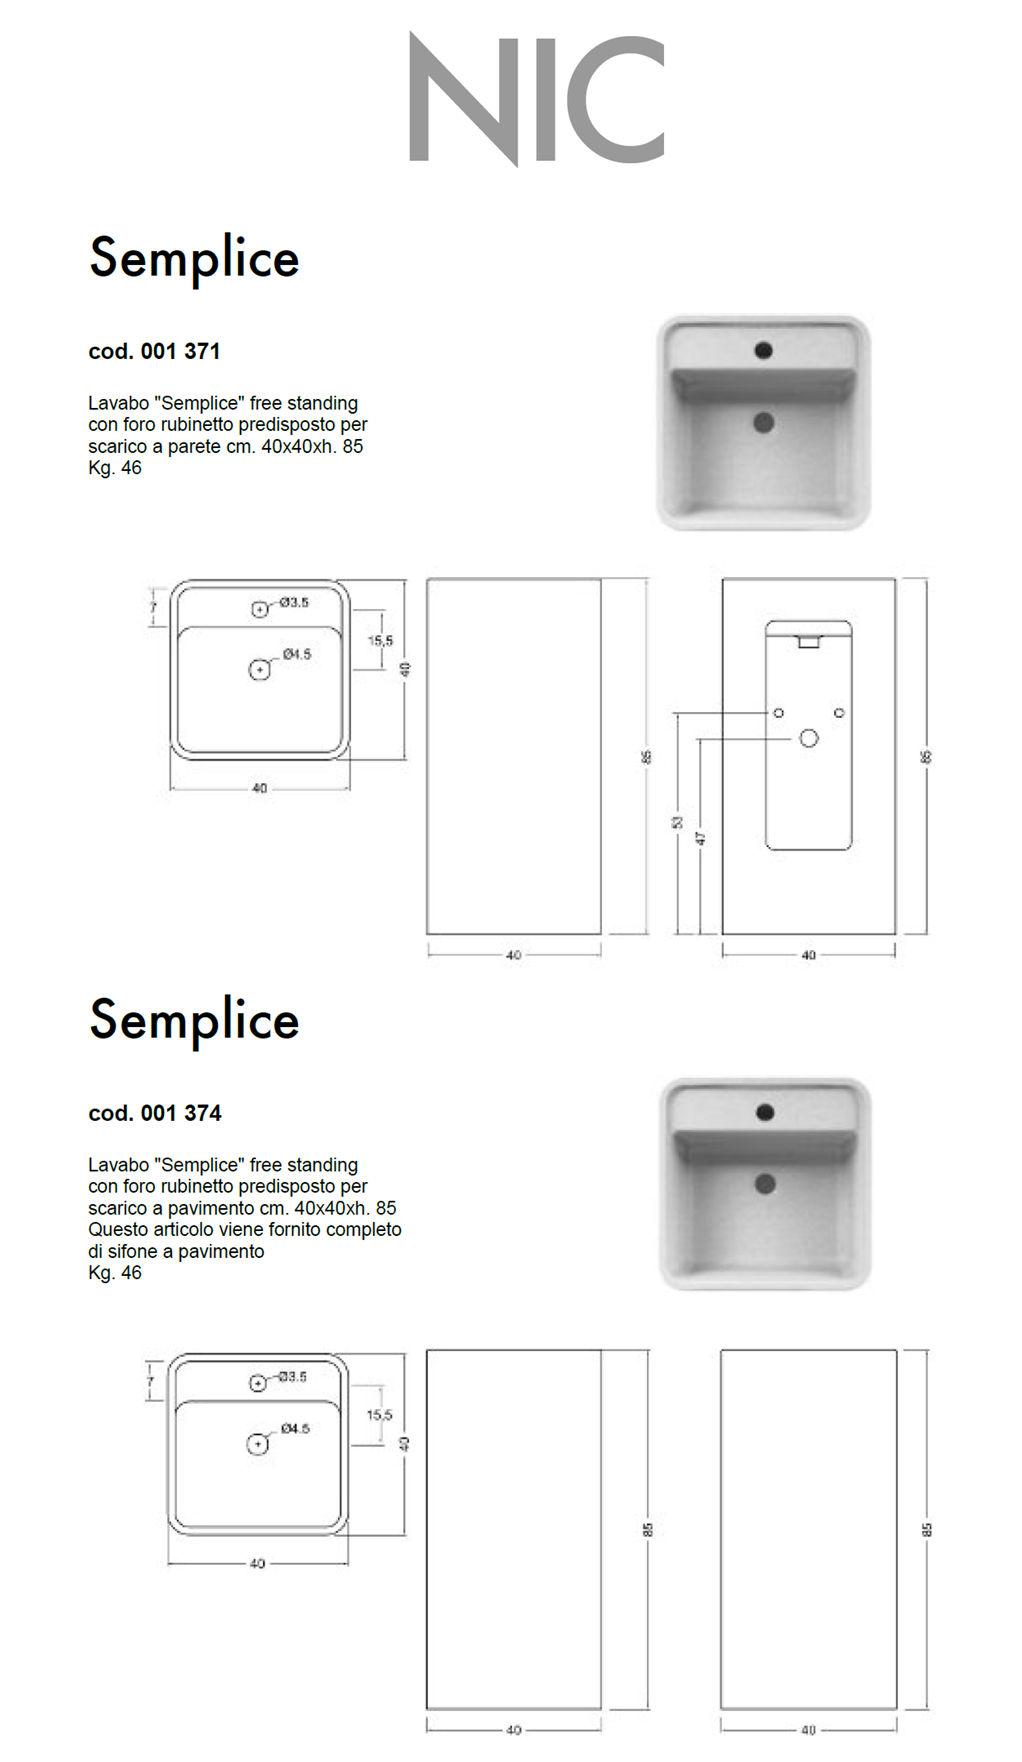 scheda tecnica lavabo da terra nic design semplice con foro freestanding